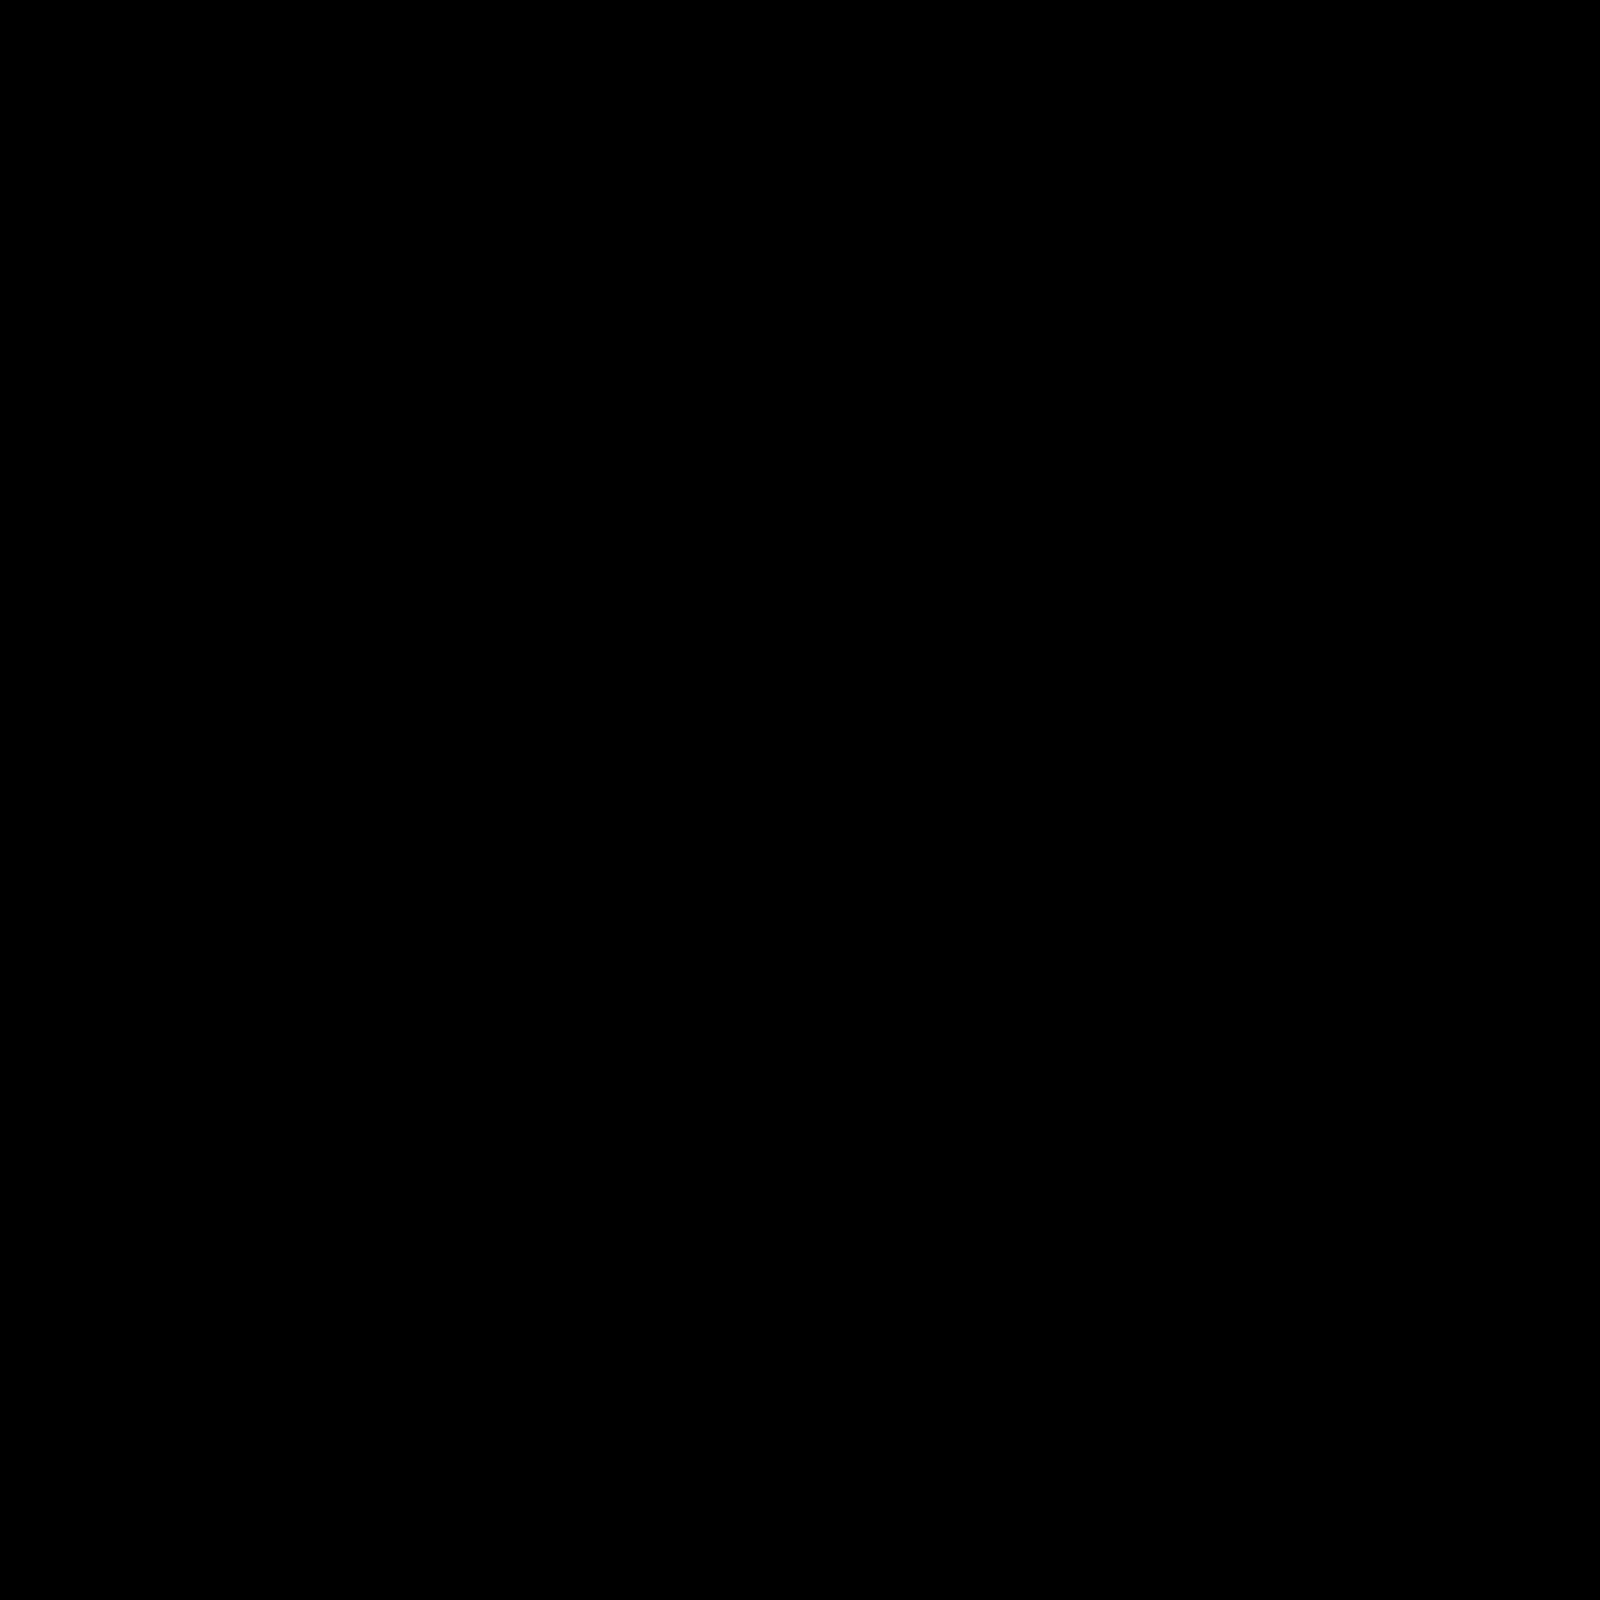 路障 icon. A roadblock is something to stop people from going on it. If you didn't want someone to go on a road, you'd put a roadblock to block off anyone from getting on it. It's a sturdy piece of wood, all put together with yellow warning flashing things to say don't get on this road!